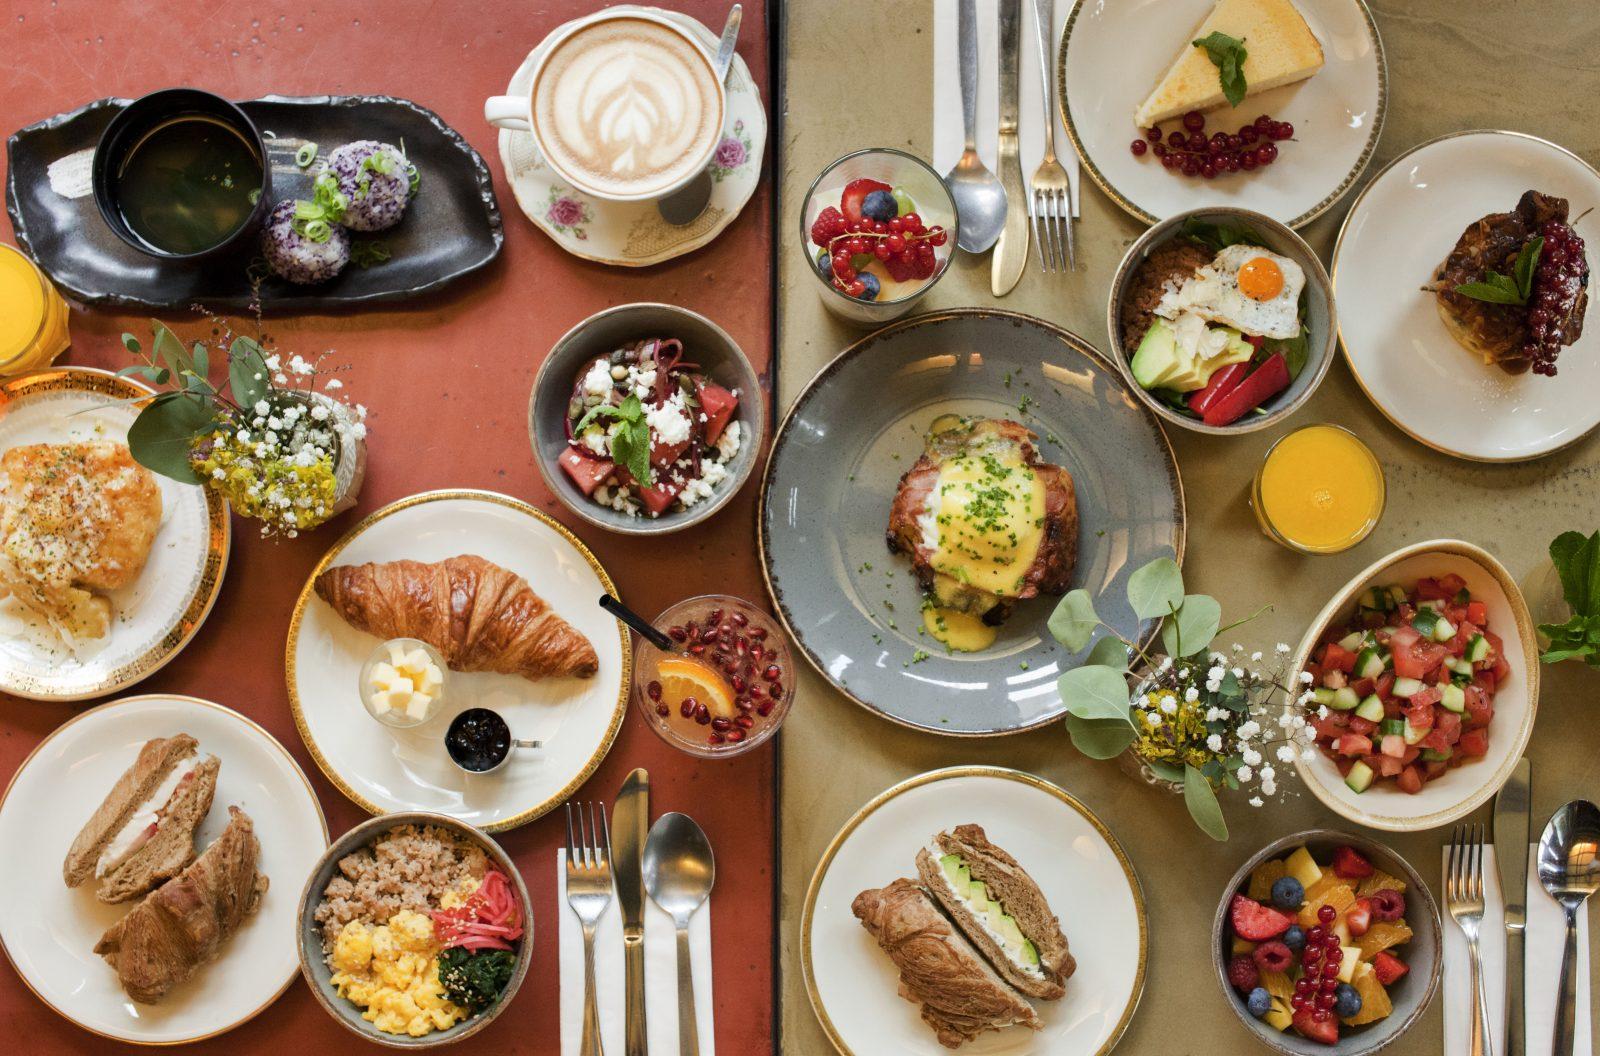 Cafés Mitte Japanisch thematisiertes Essen und ein hölzern-gemütliches Ambiente gibt es im House of Small Wonder.